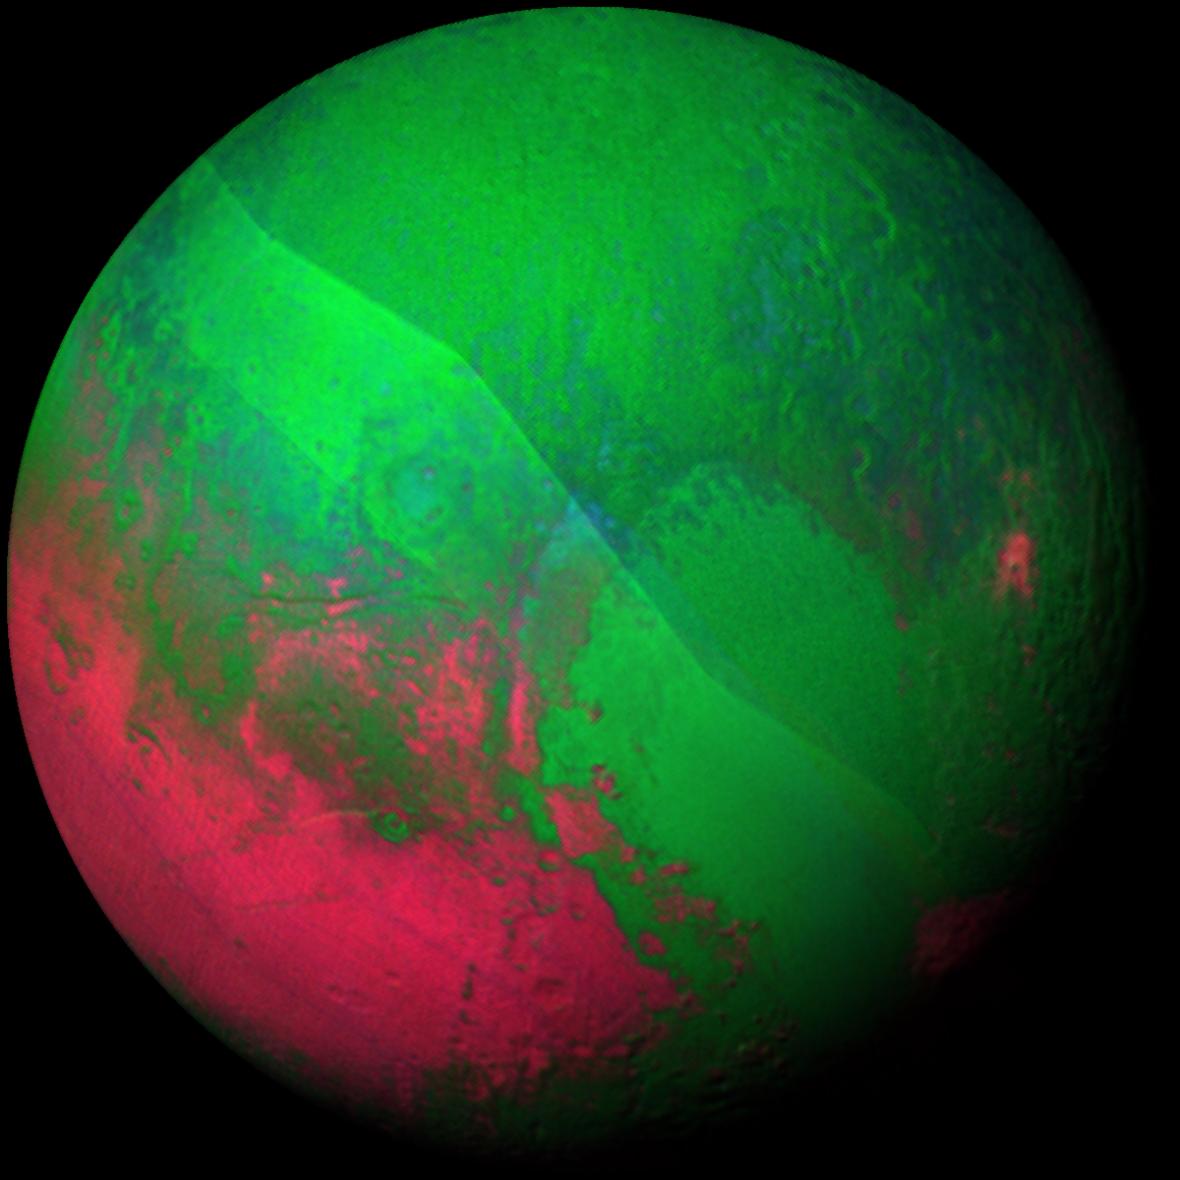 Vánoční Pluto. Na scanech z přístrojů Ralph/LEISA jsou jasně vidět teplotní rozdíly na planetě.